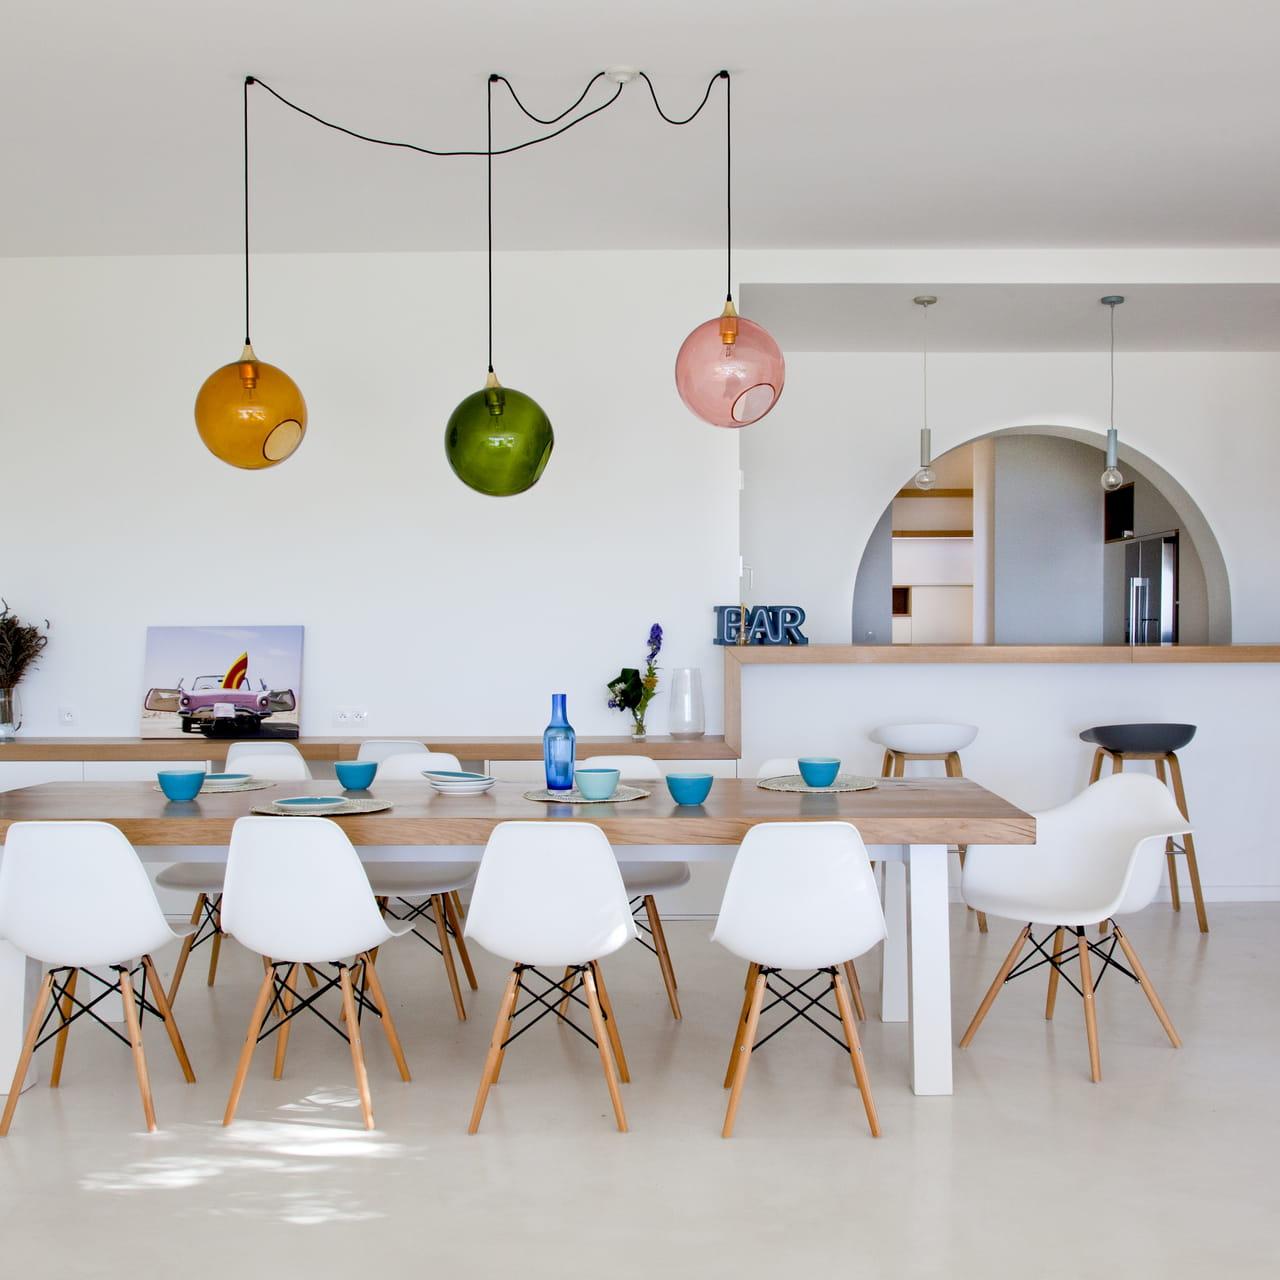 Xxl Table À Manger Amis Famille Et La Des Pour Recevoir Prend Dimensions 0wm8nvN